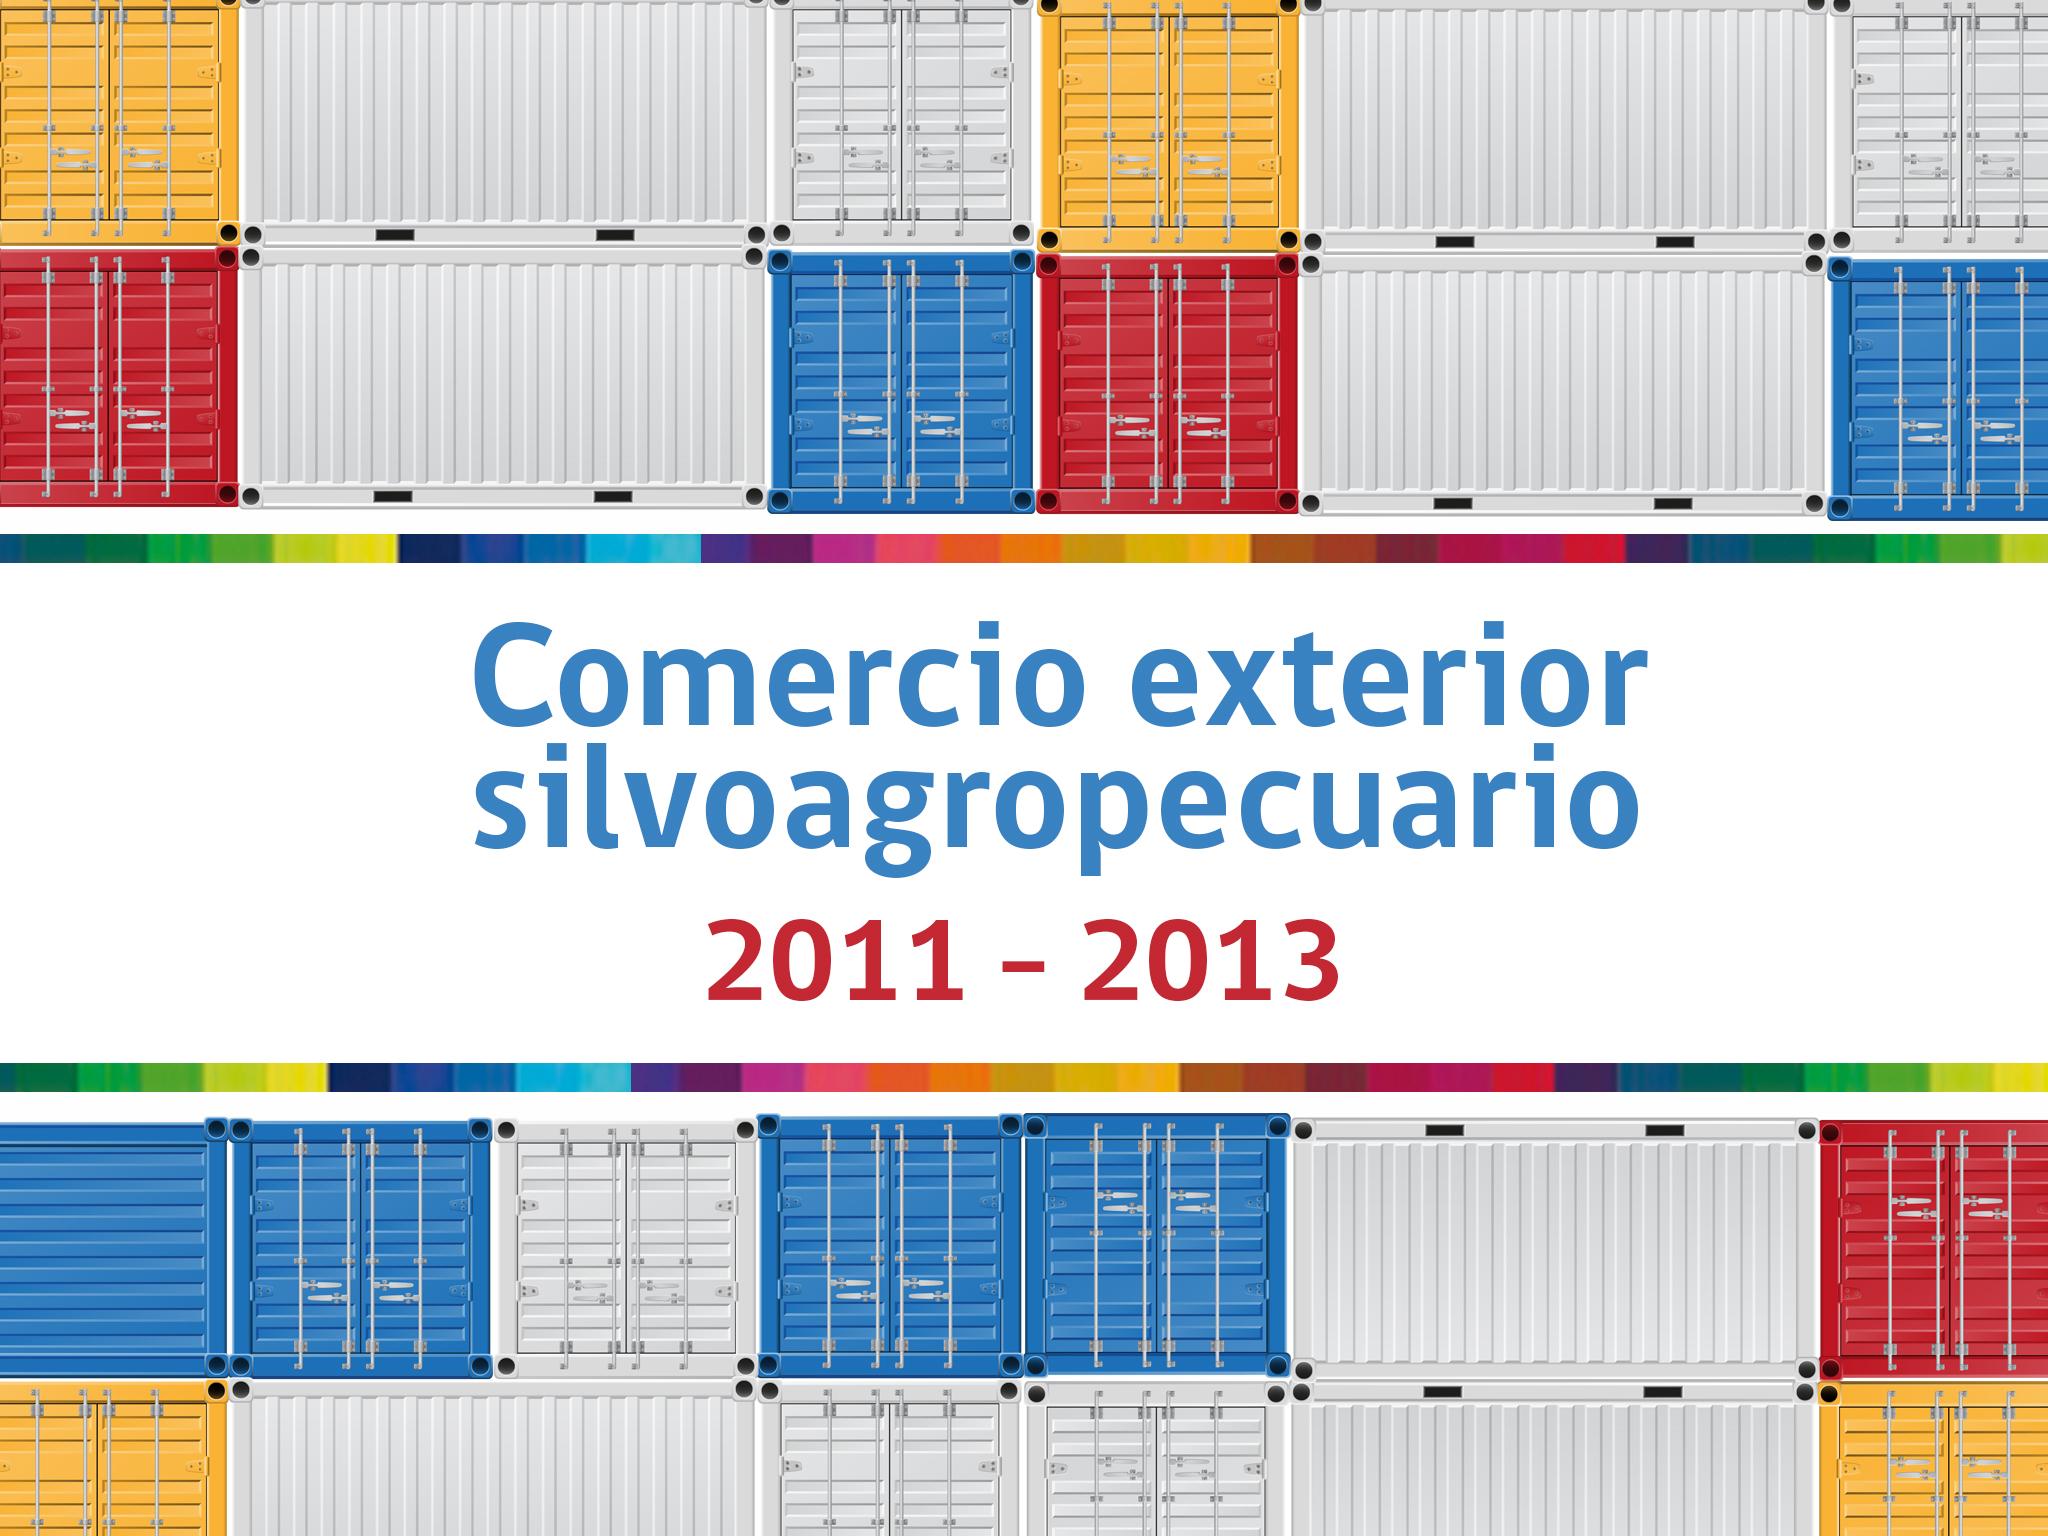 Comercio exterior silvoagropecuario entre los años 2011-2013